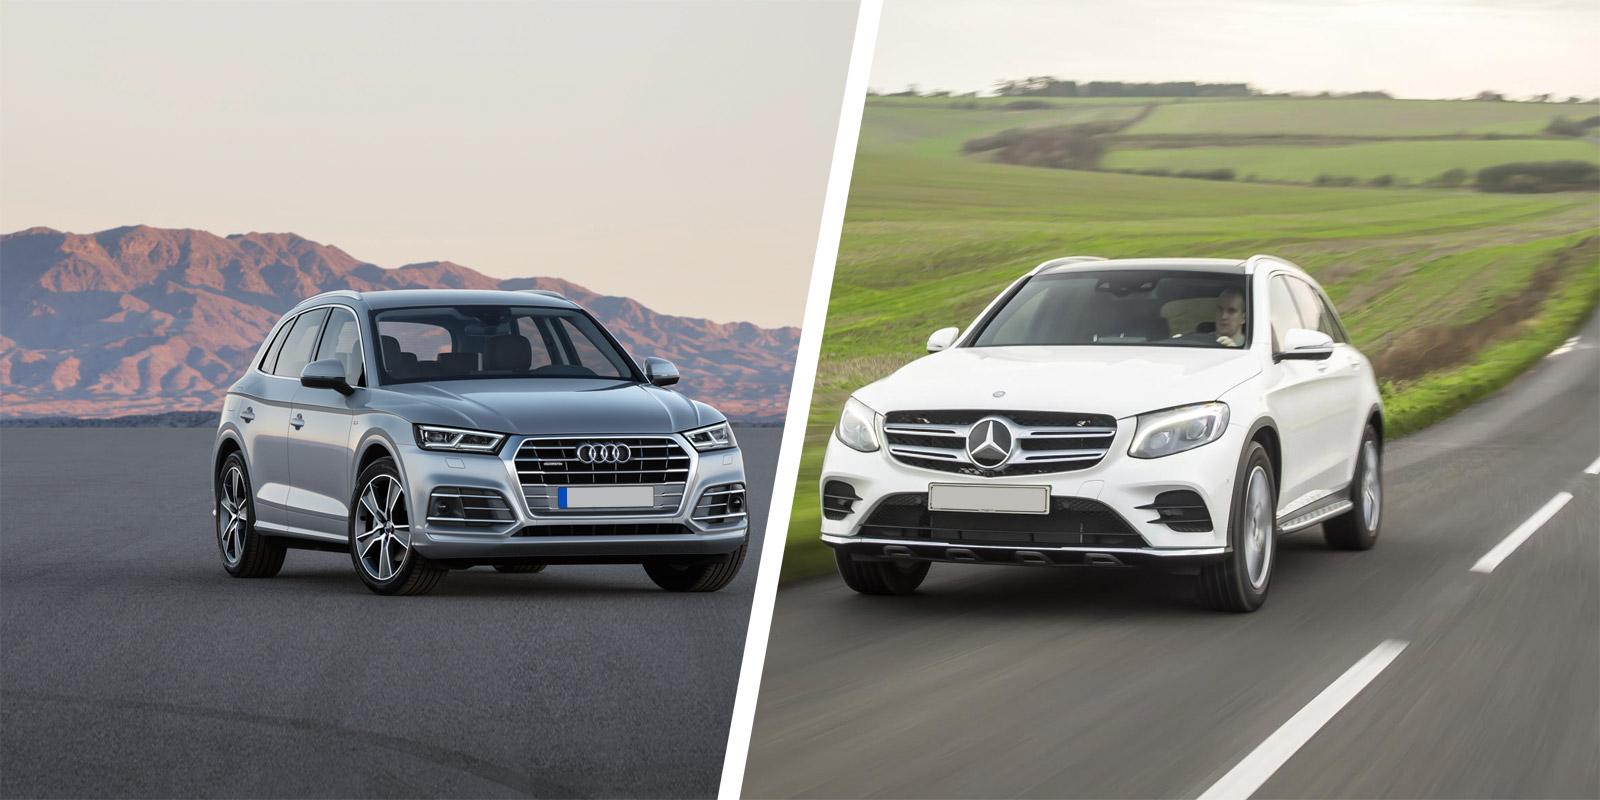 Volvo Xc60 Vs Audi Q5 >> Mercedes GLC vs Audi Q5 SUV comparison | carwow